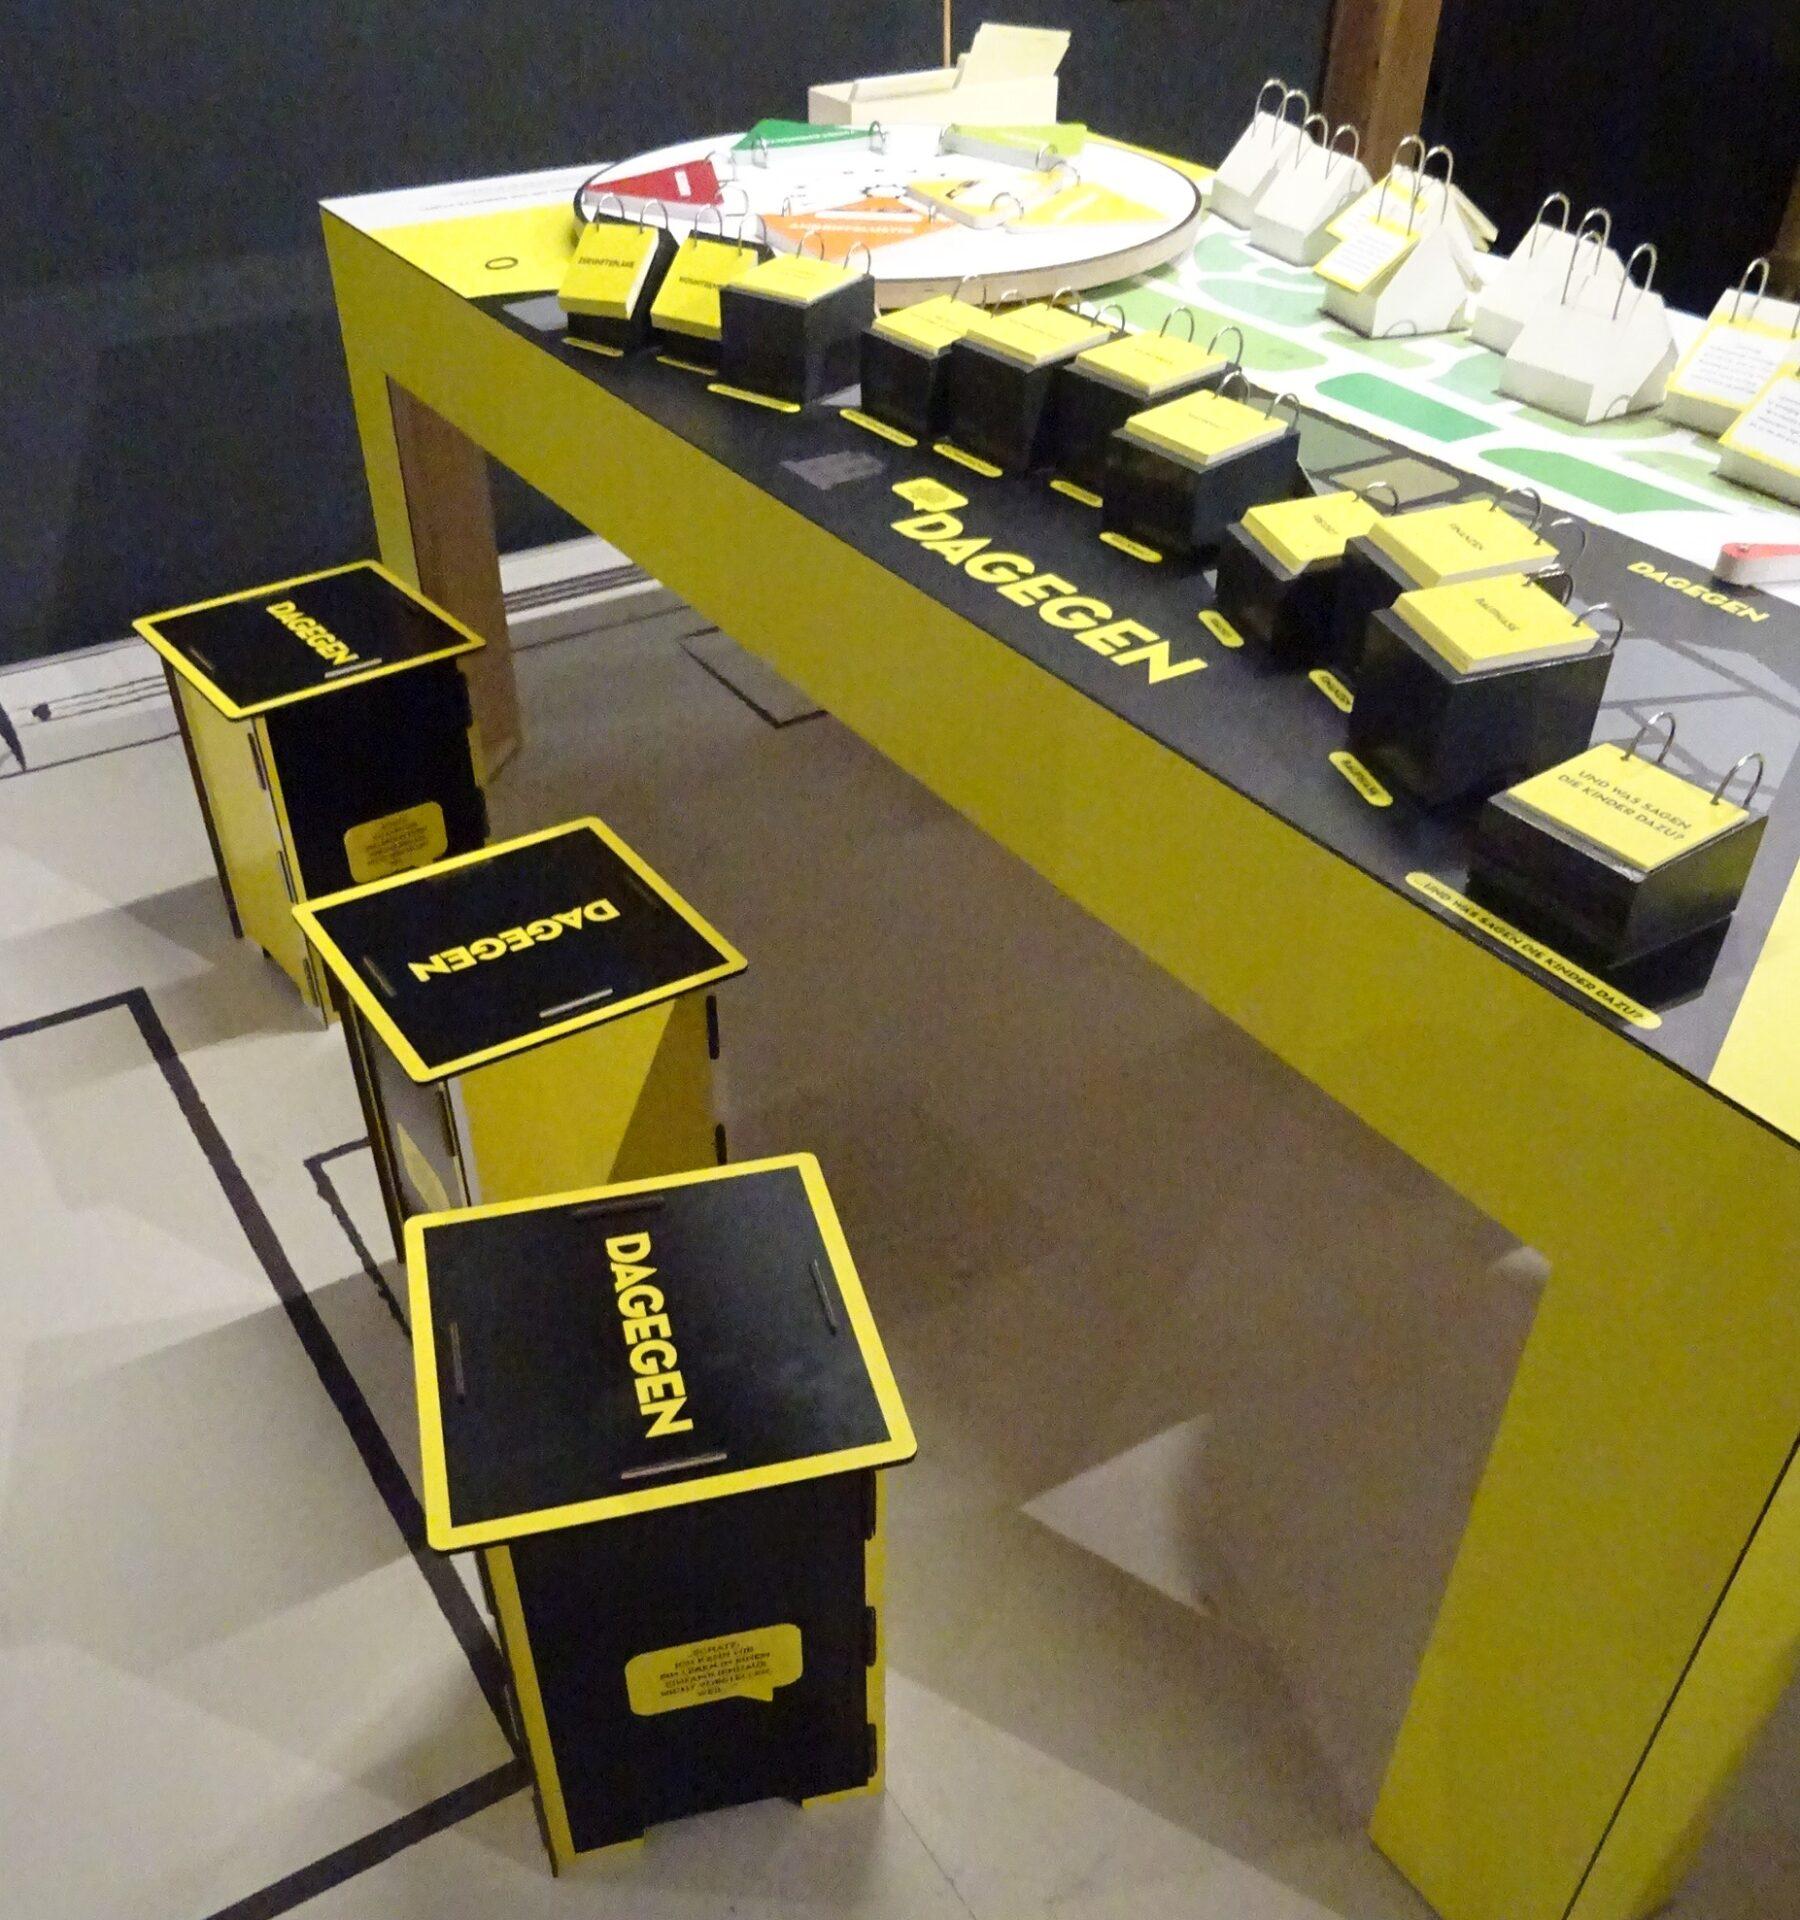 Gelber Tisch, viele Spielkarten und drei Hocker